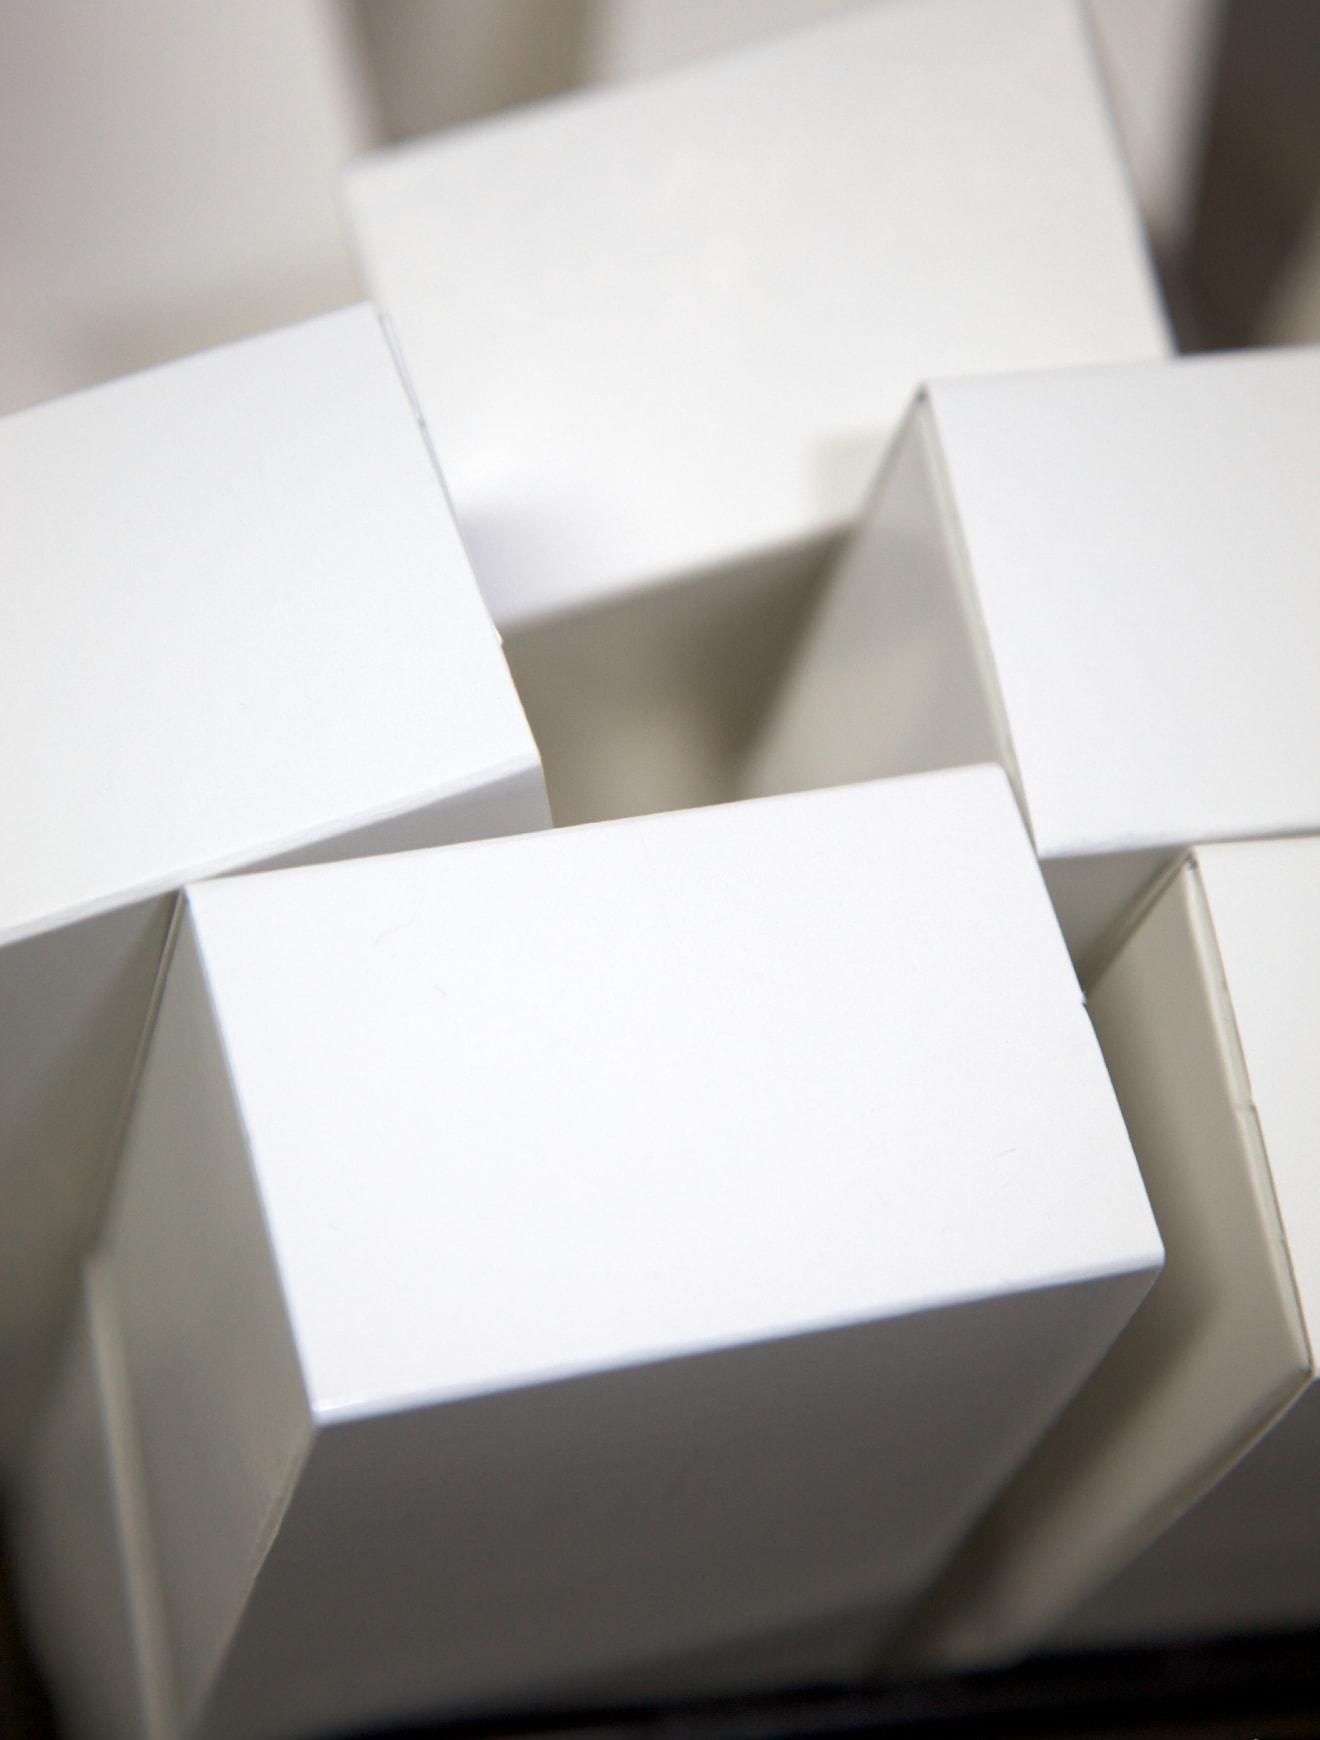 Plusieurs boîtes structurelles